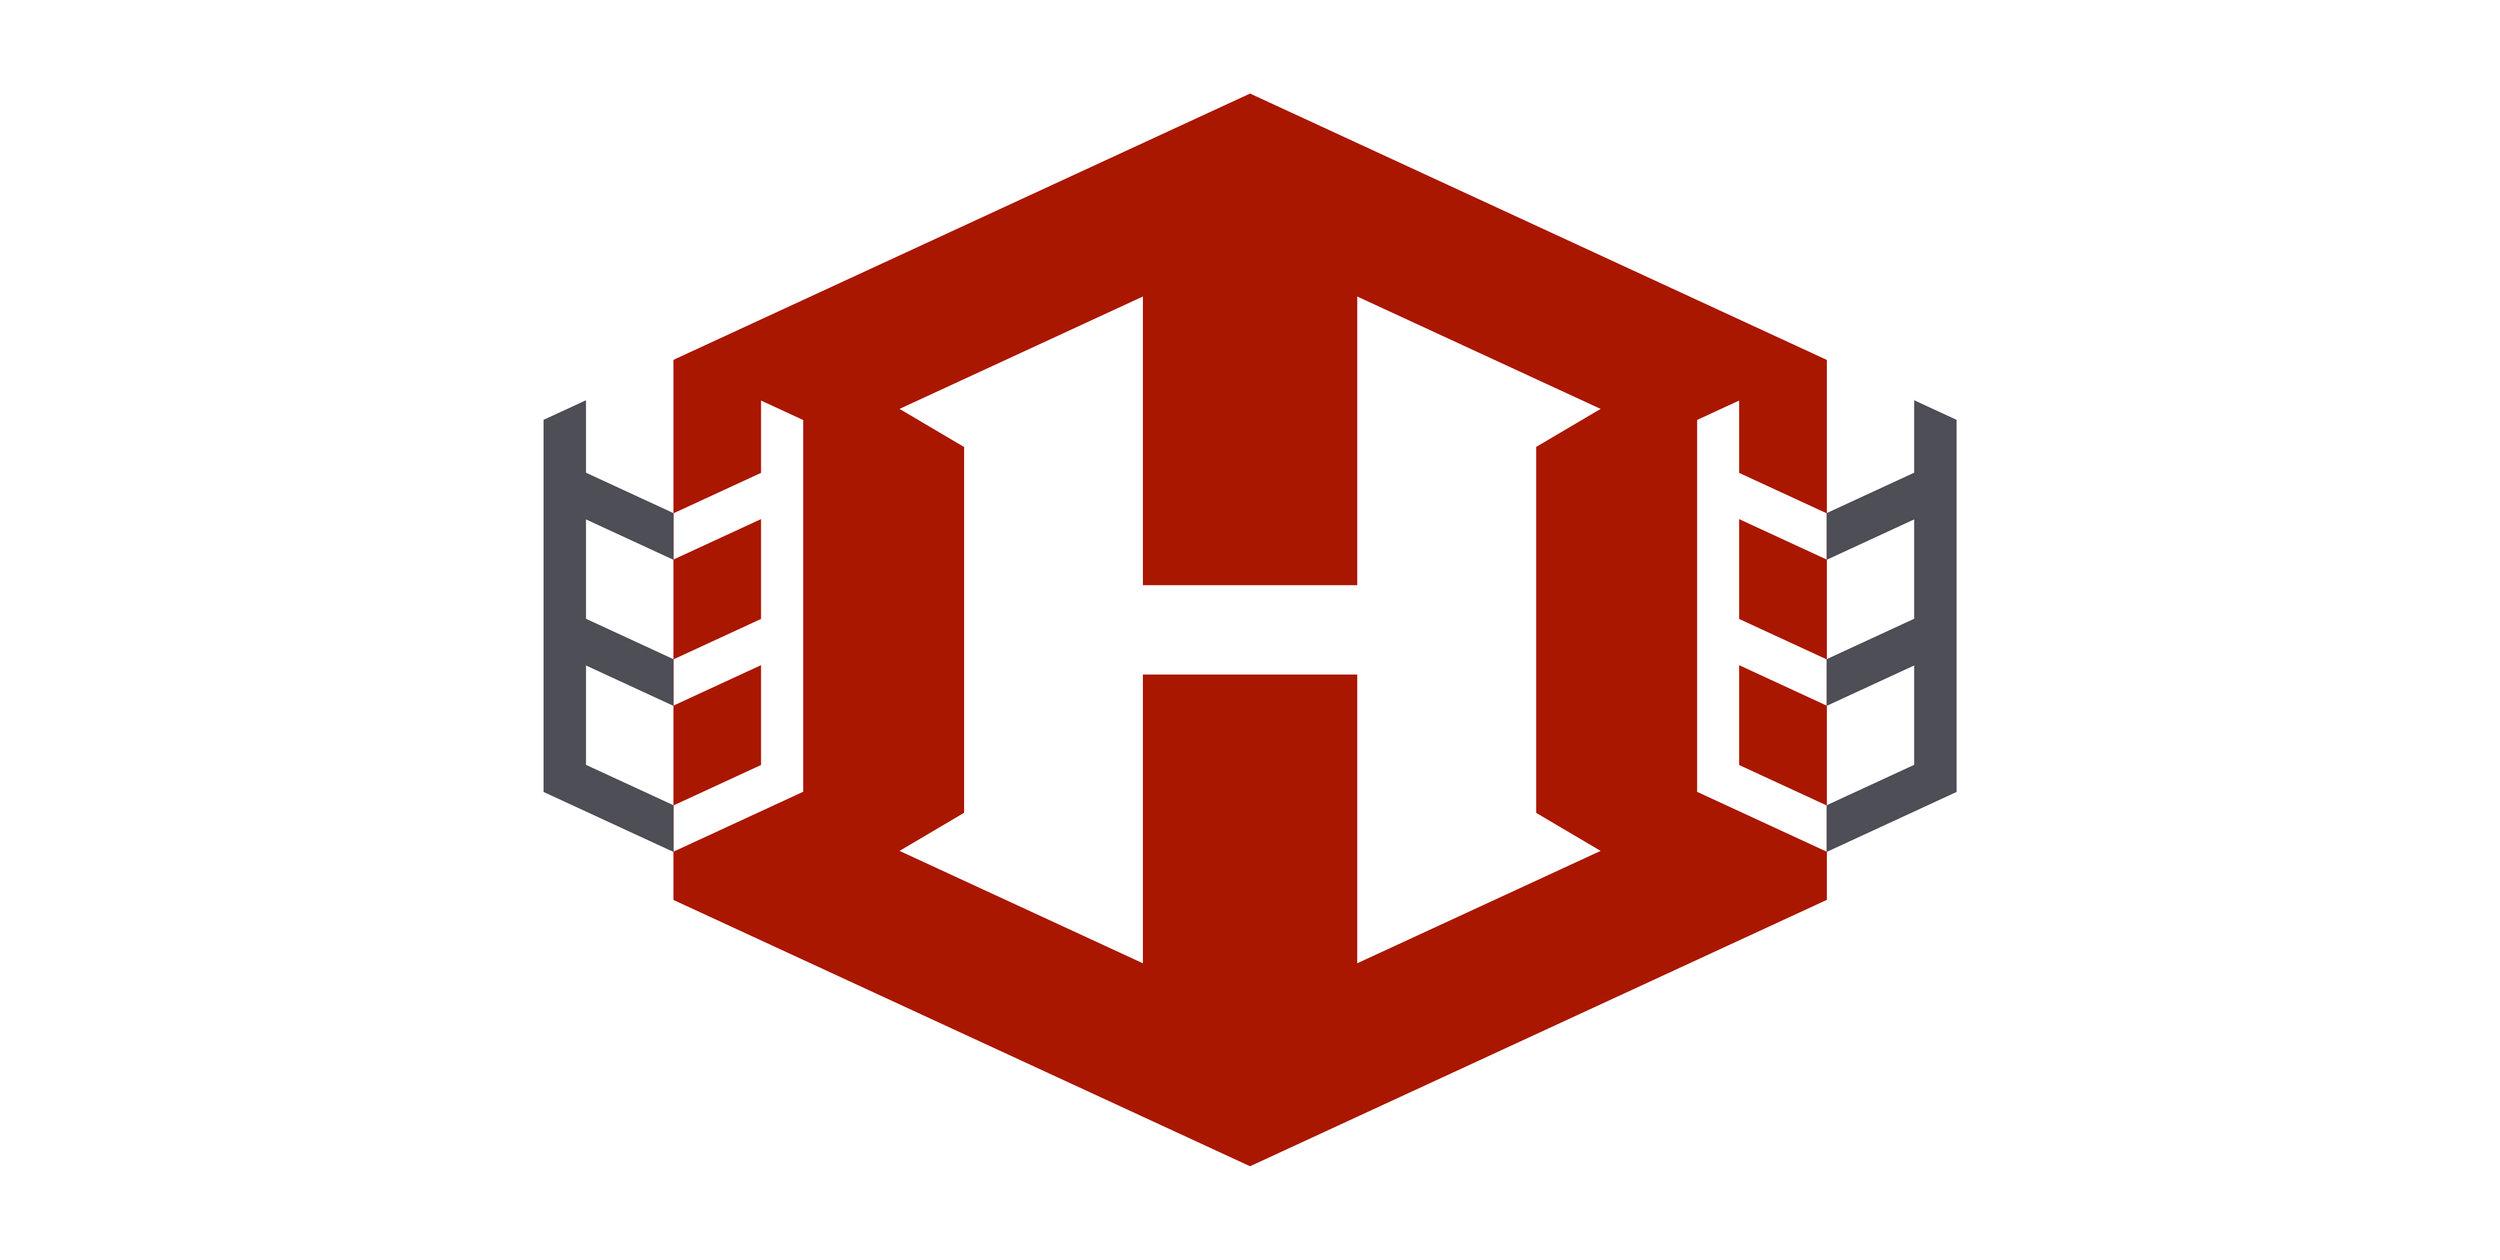 hendrix-keg-1.jpg